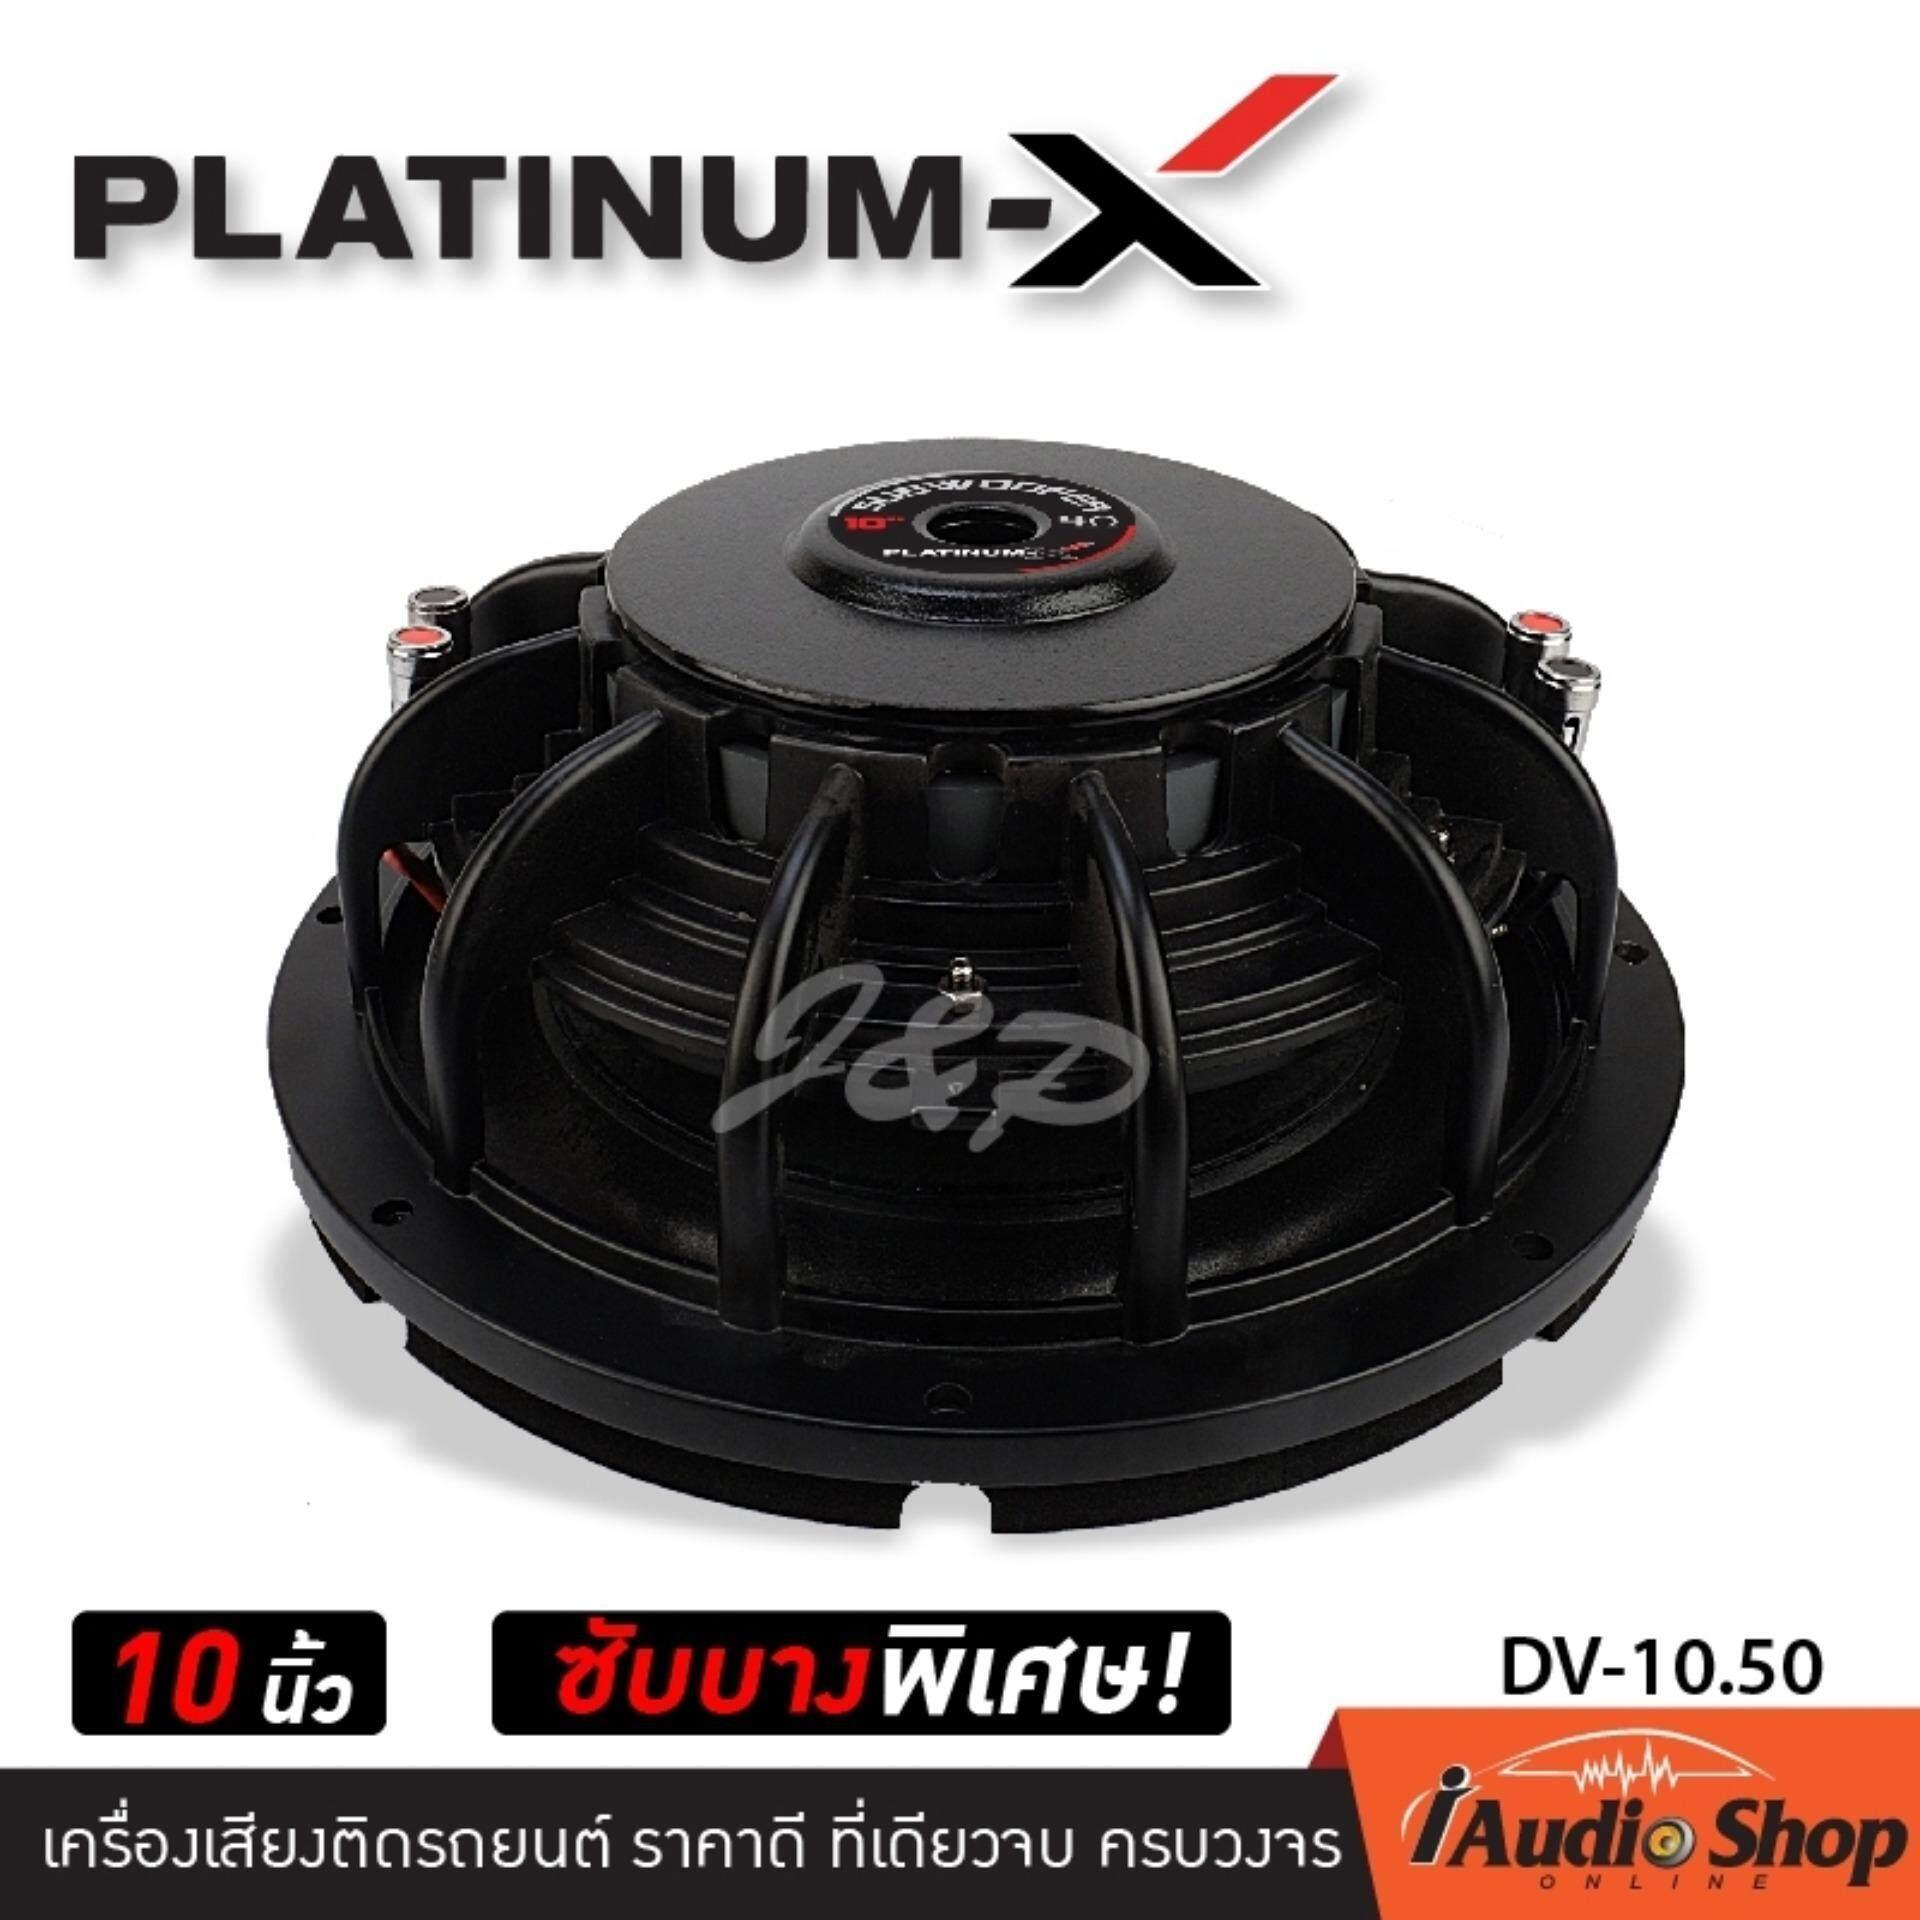 Platinum X เครื่องเสียงรถ ลำโพงรถยนต์ ซับวูฟเฟอร์ ดอกซับ10นิ้ว ซับบาง โครงเหล็กหล่อ วอยซ์คู่ แม่เหล็ก140มิล 1ชั้น จำนวน1ดอก Dv-10.50 Iaudioshop.